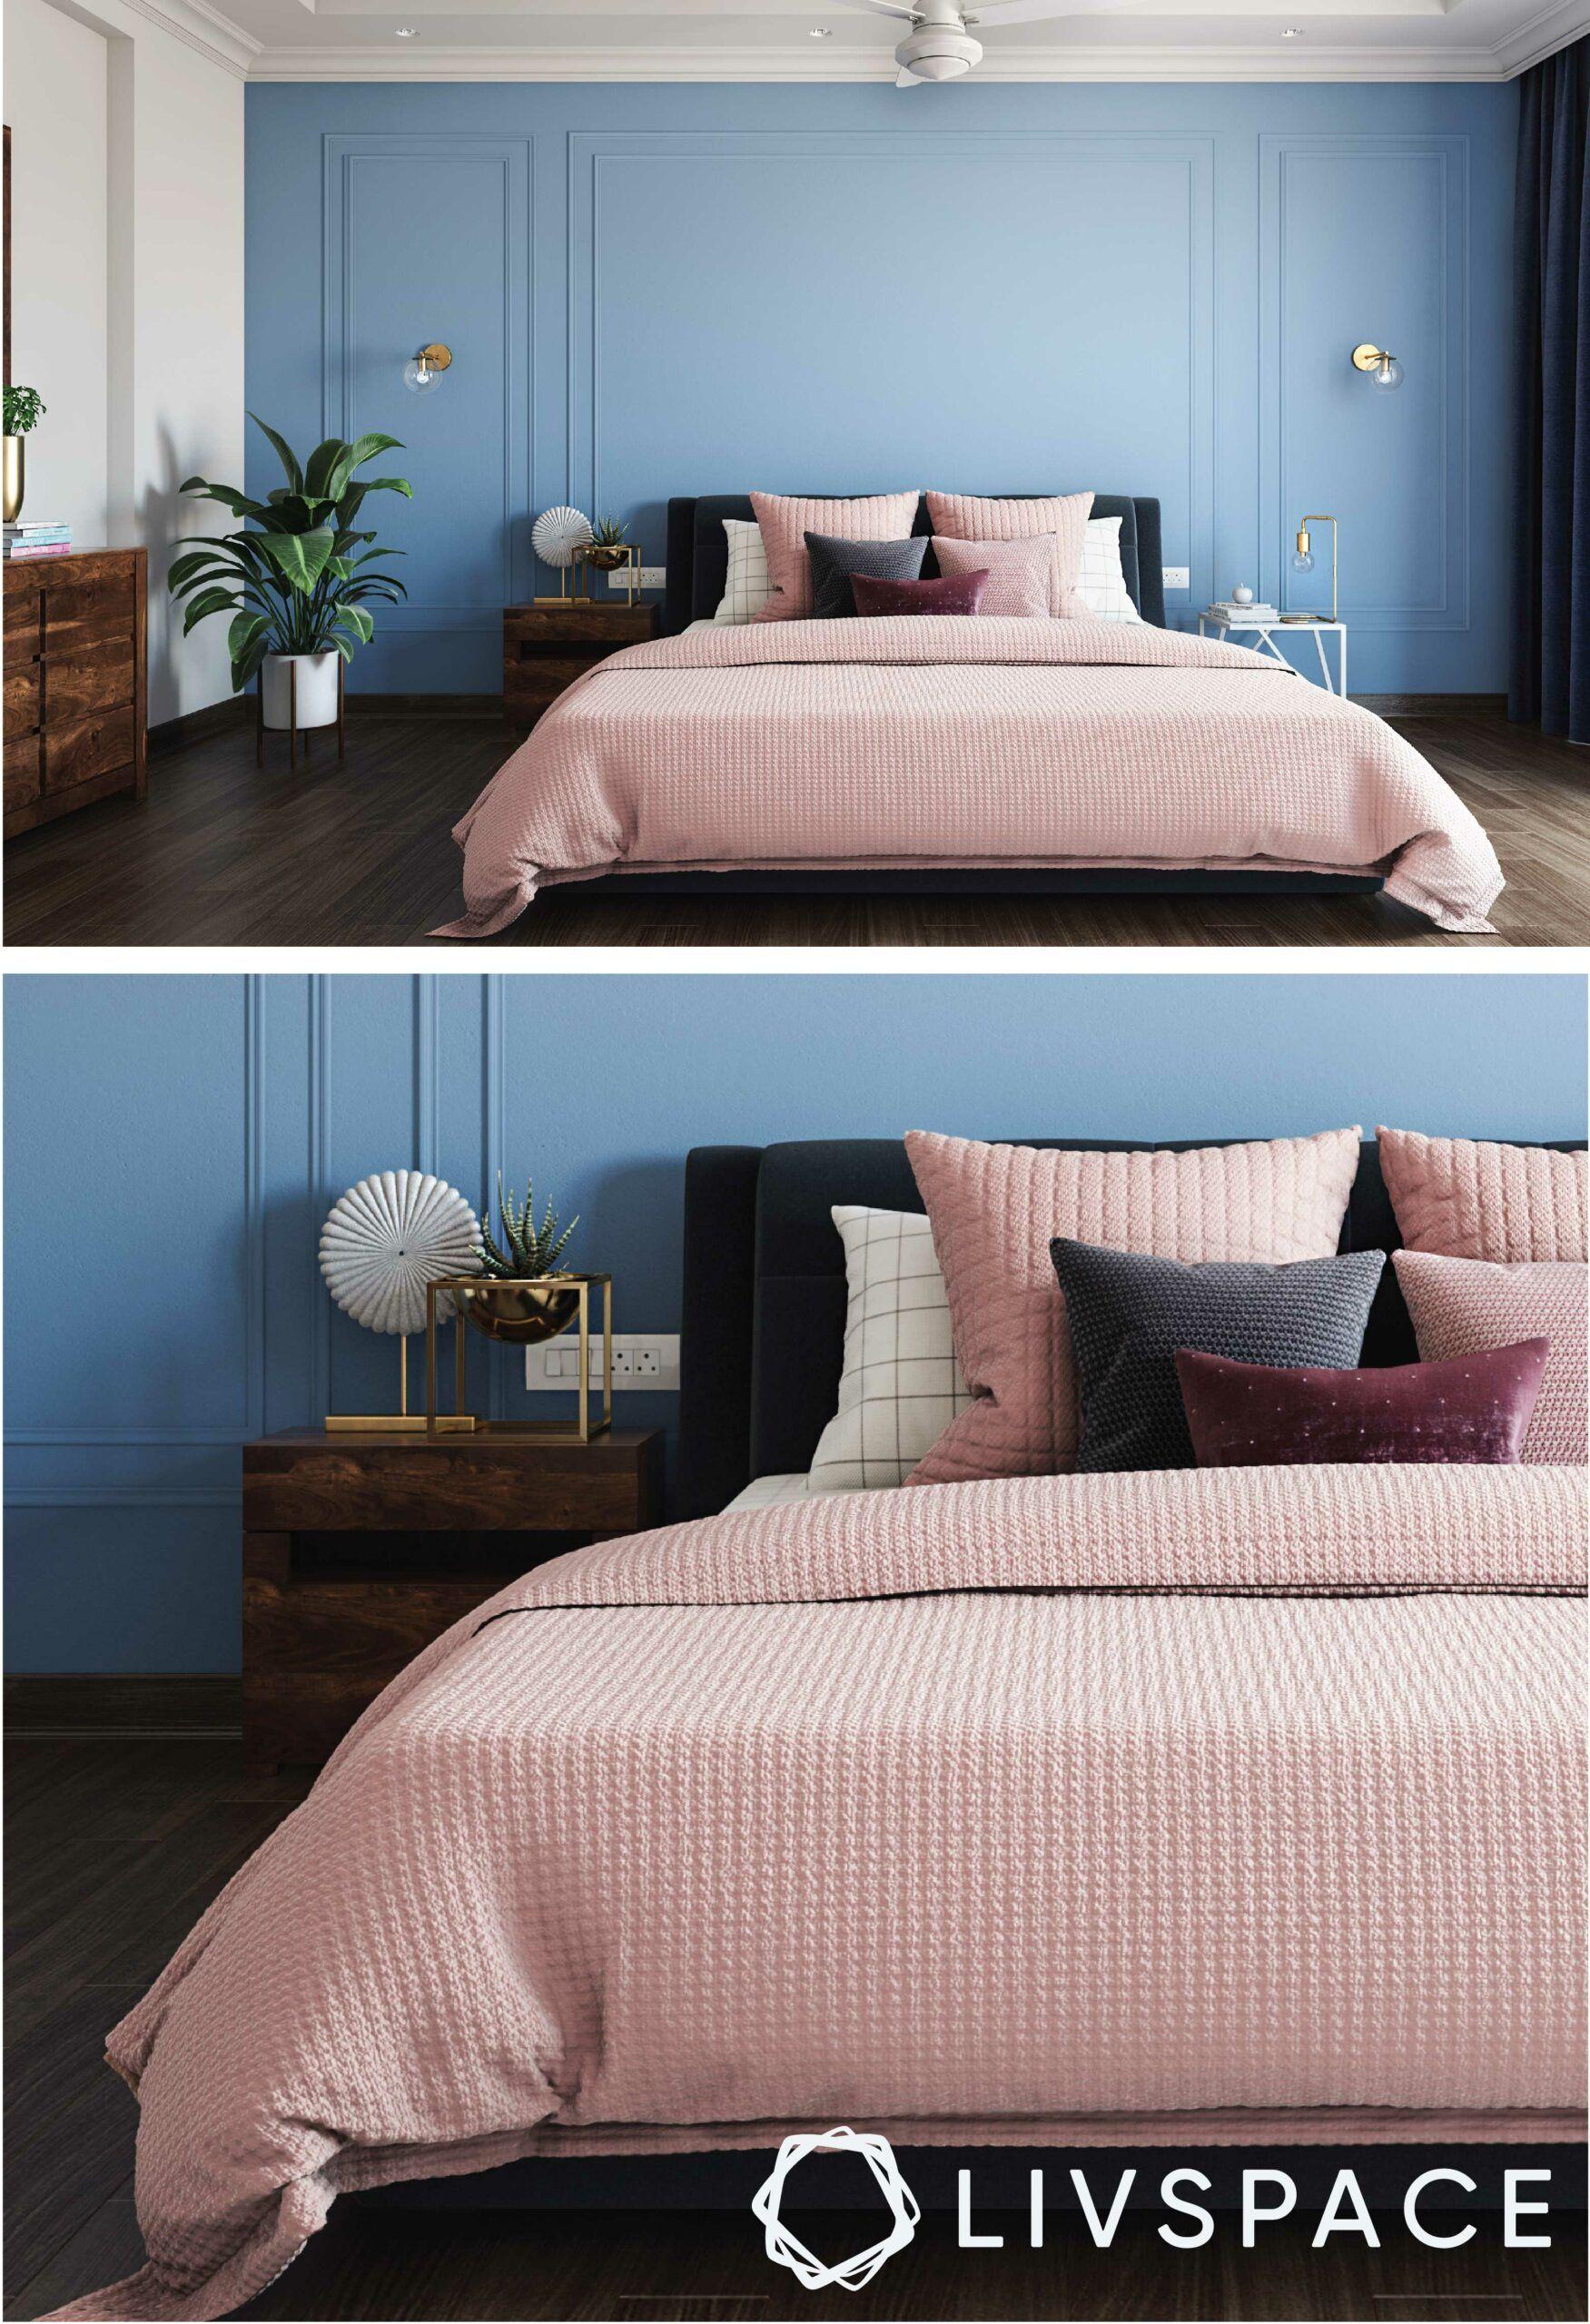 bedroom-design-blue-wall-pink-blanket